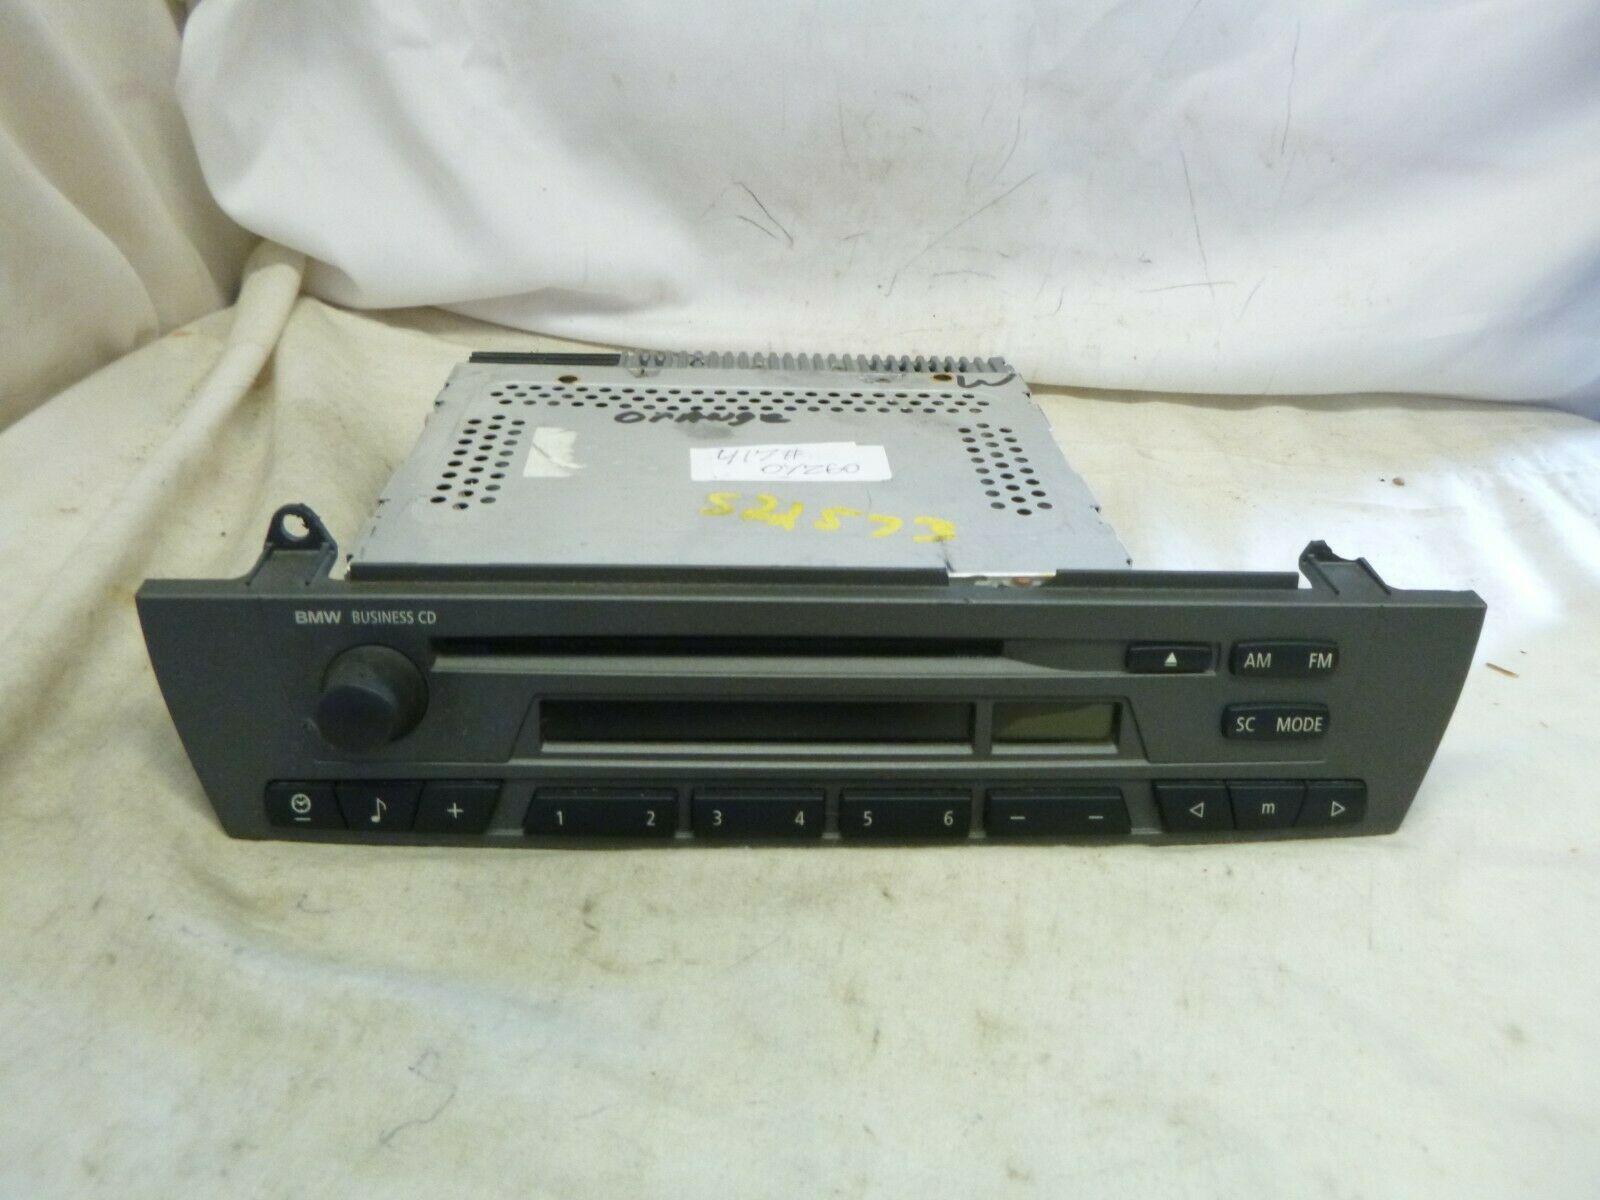 05 06 07 08 09 10 Bmw X3 Z4 Radio Cd Player 65126927831 OYZ60 - $94.05